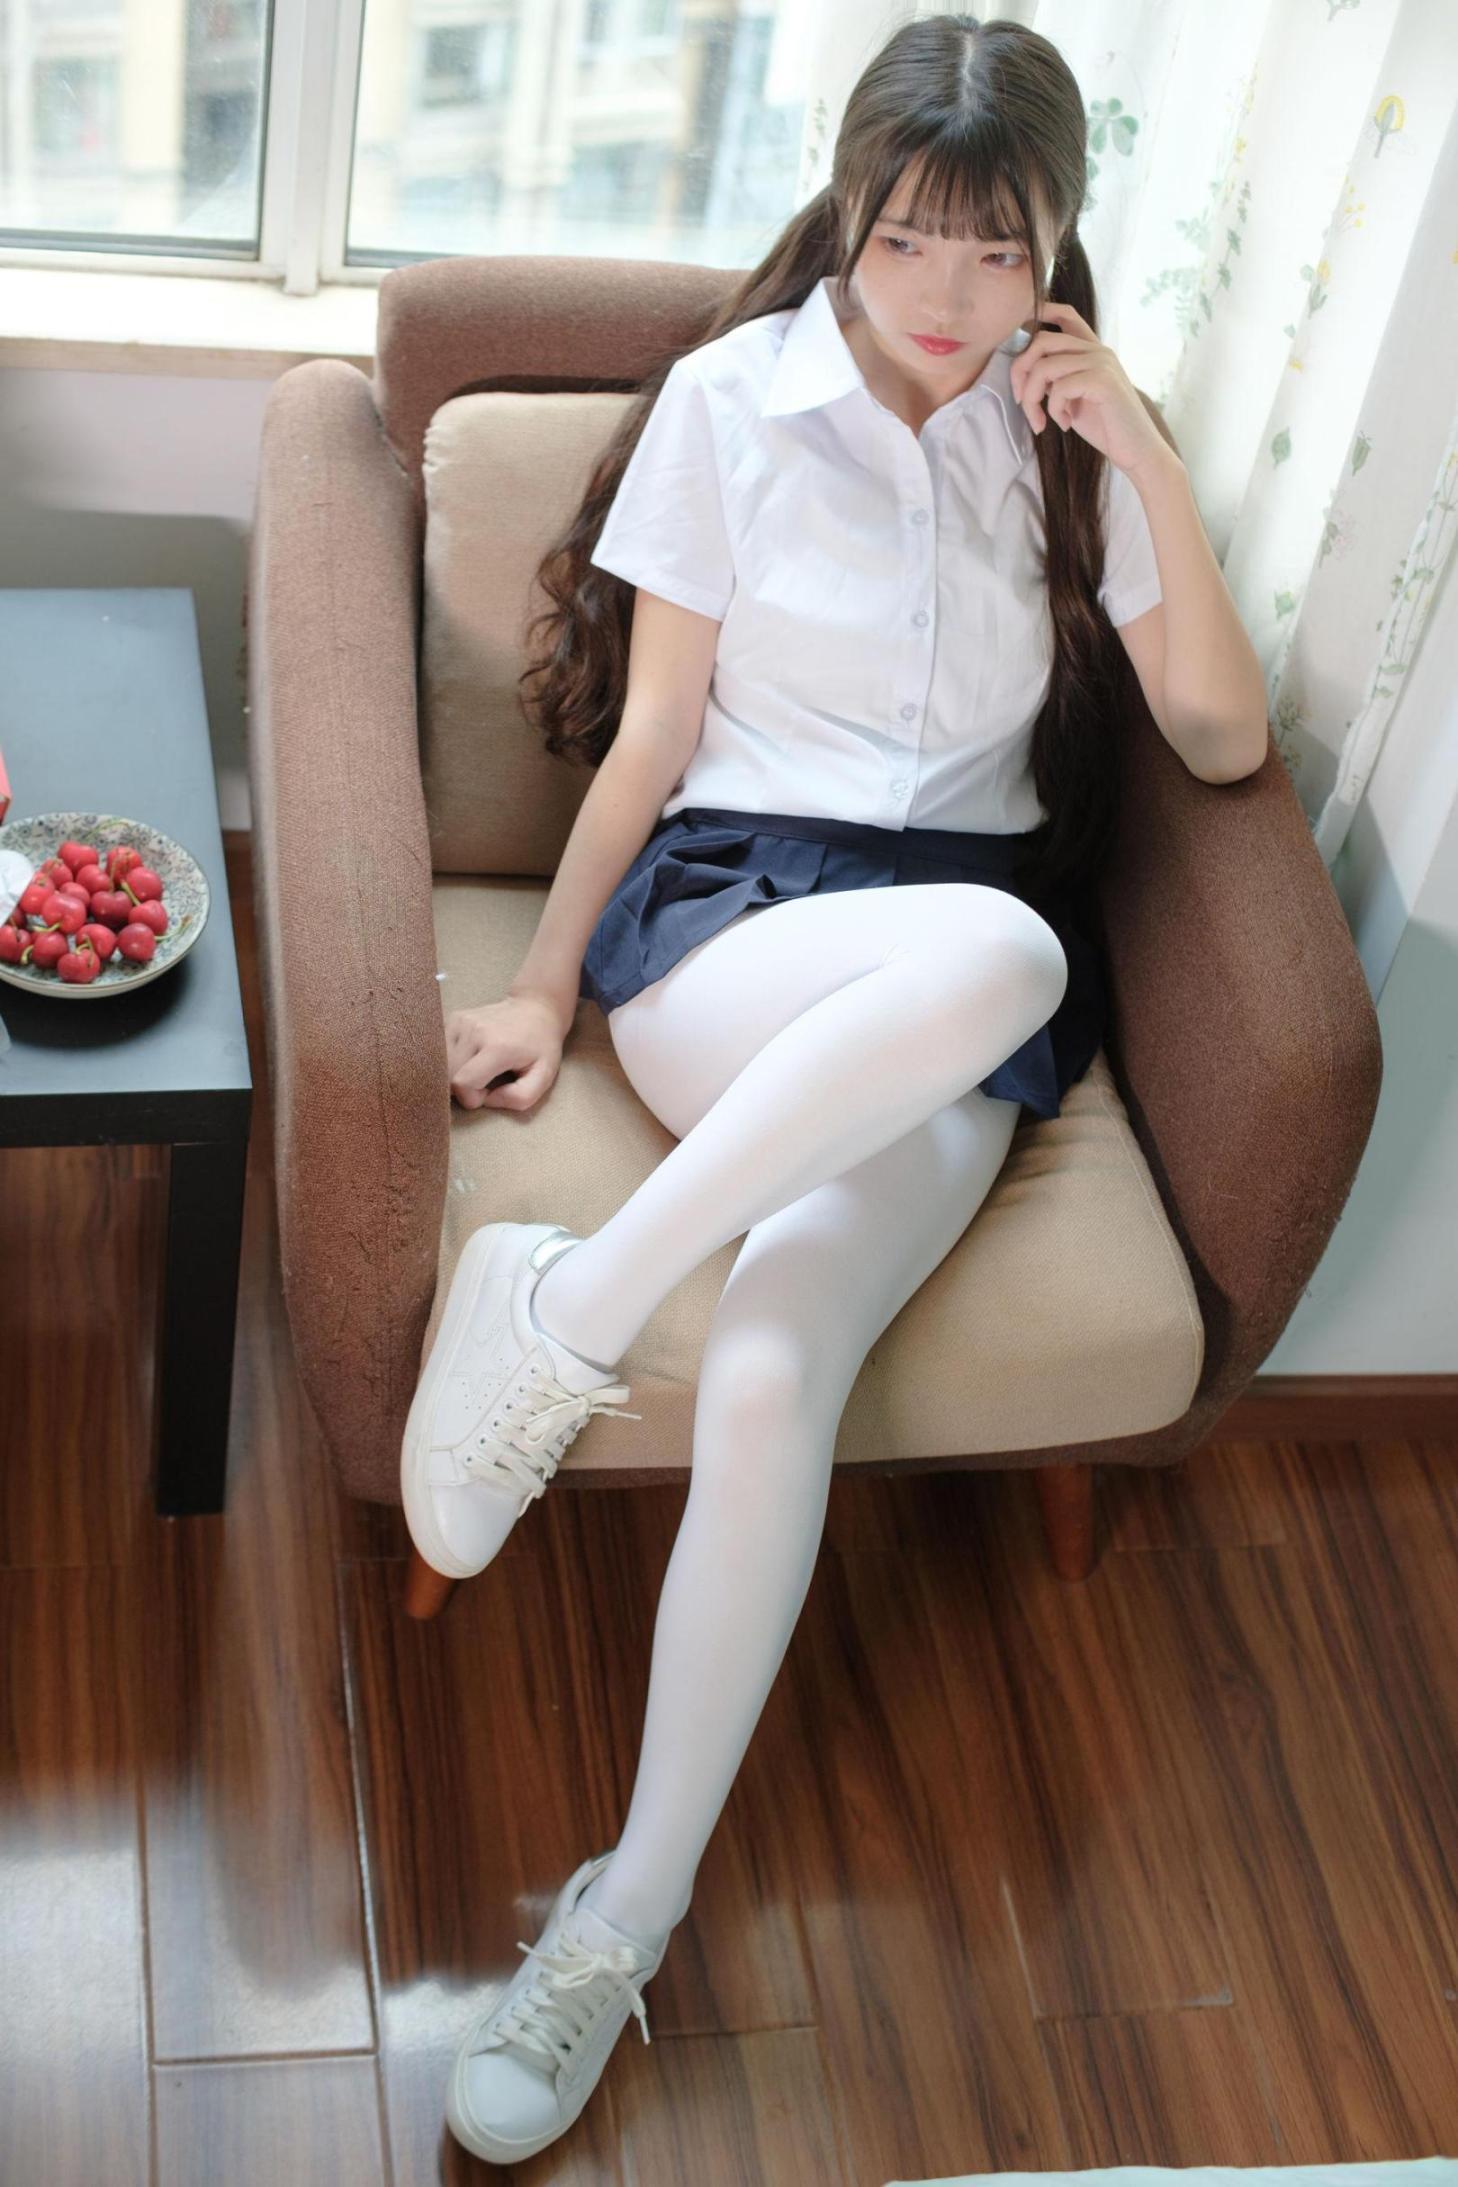 [网络美女] 网络美女 JK白丝清纯小妹 高清写真套图